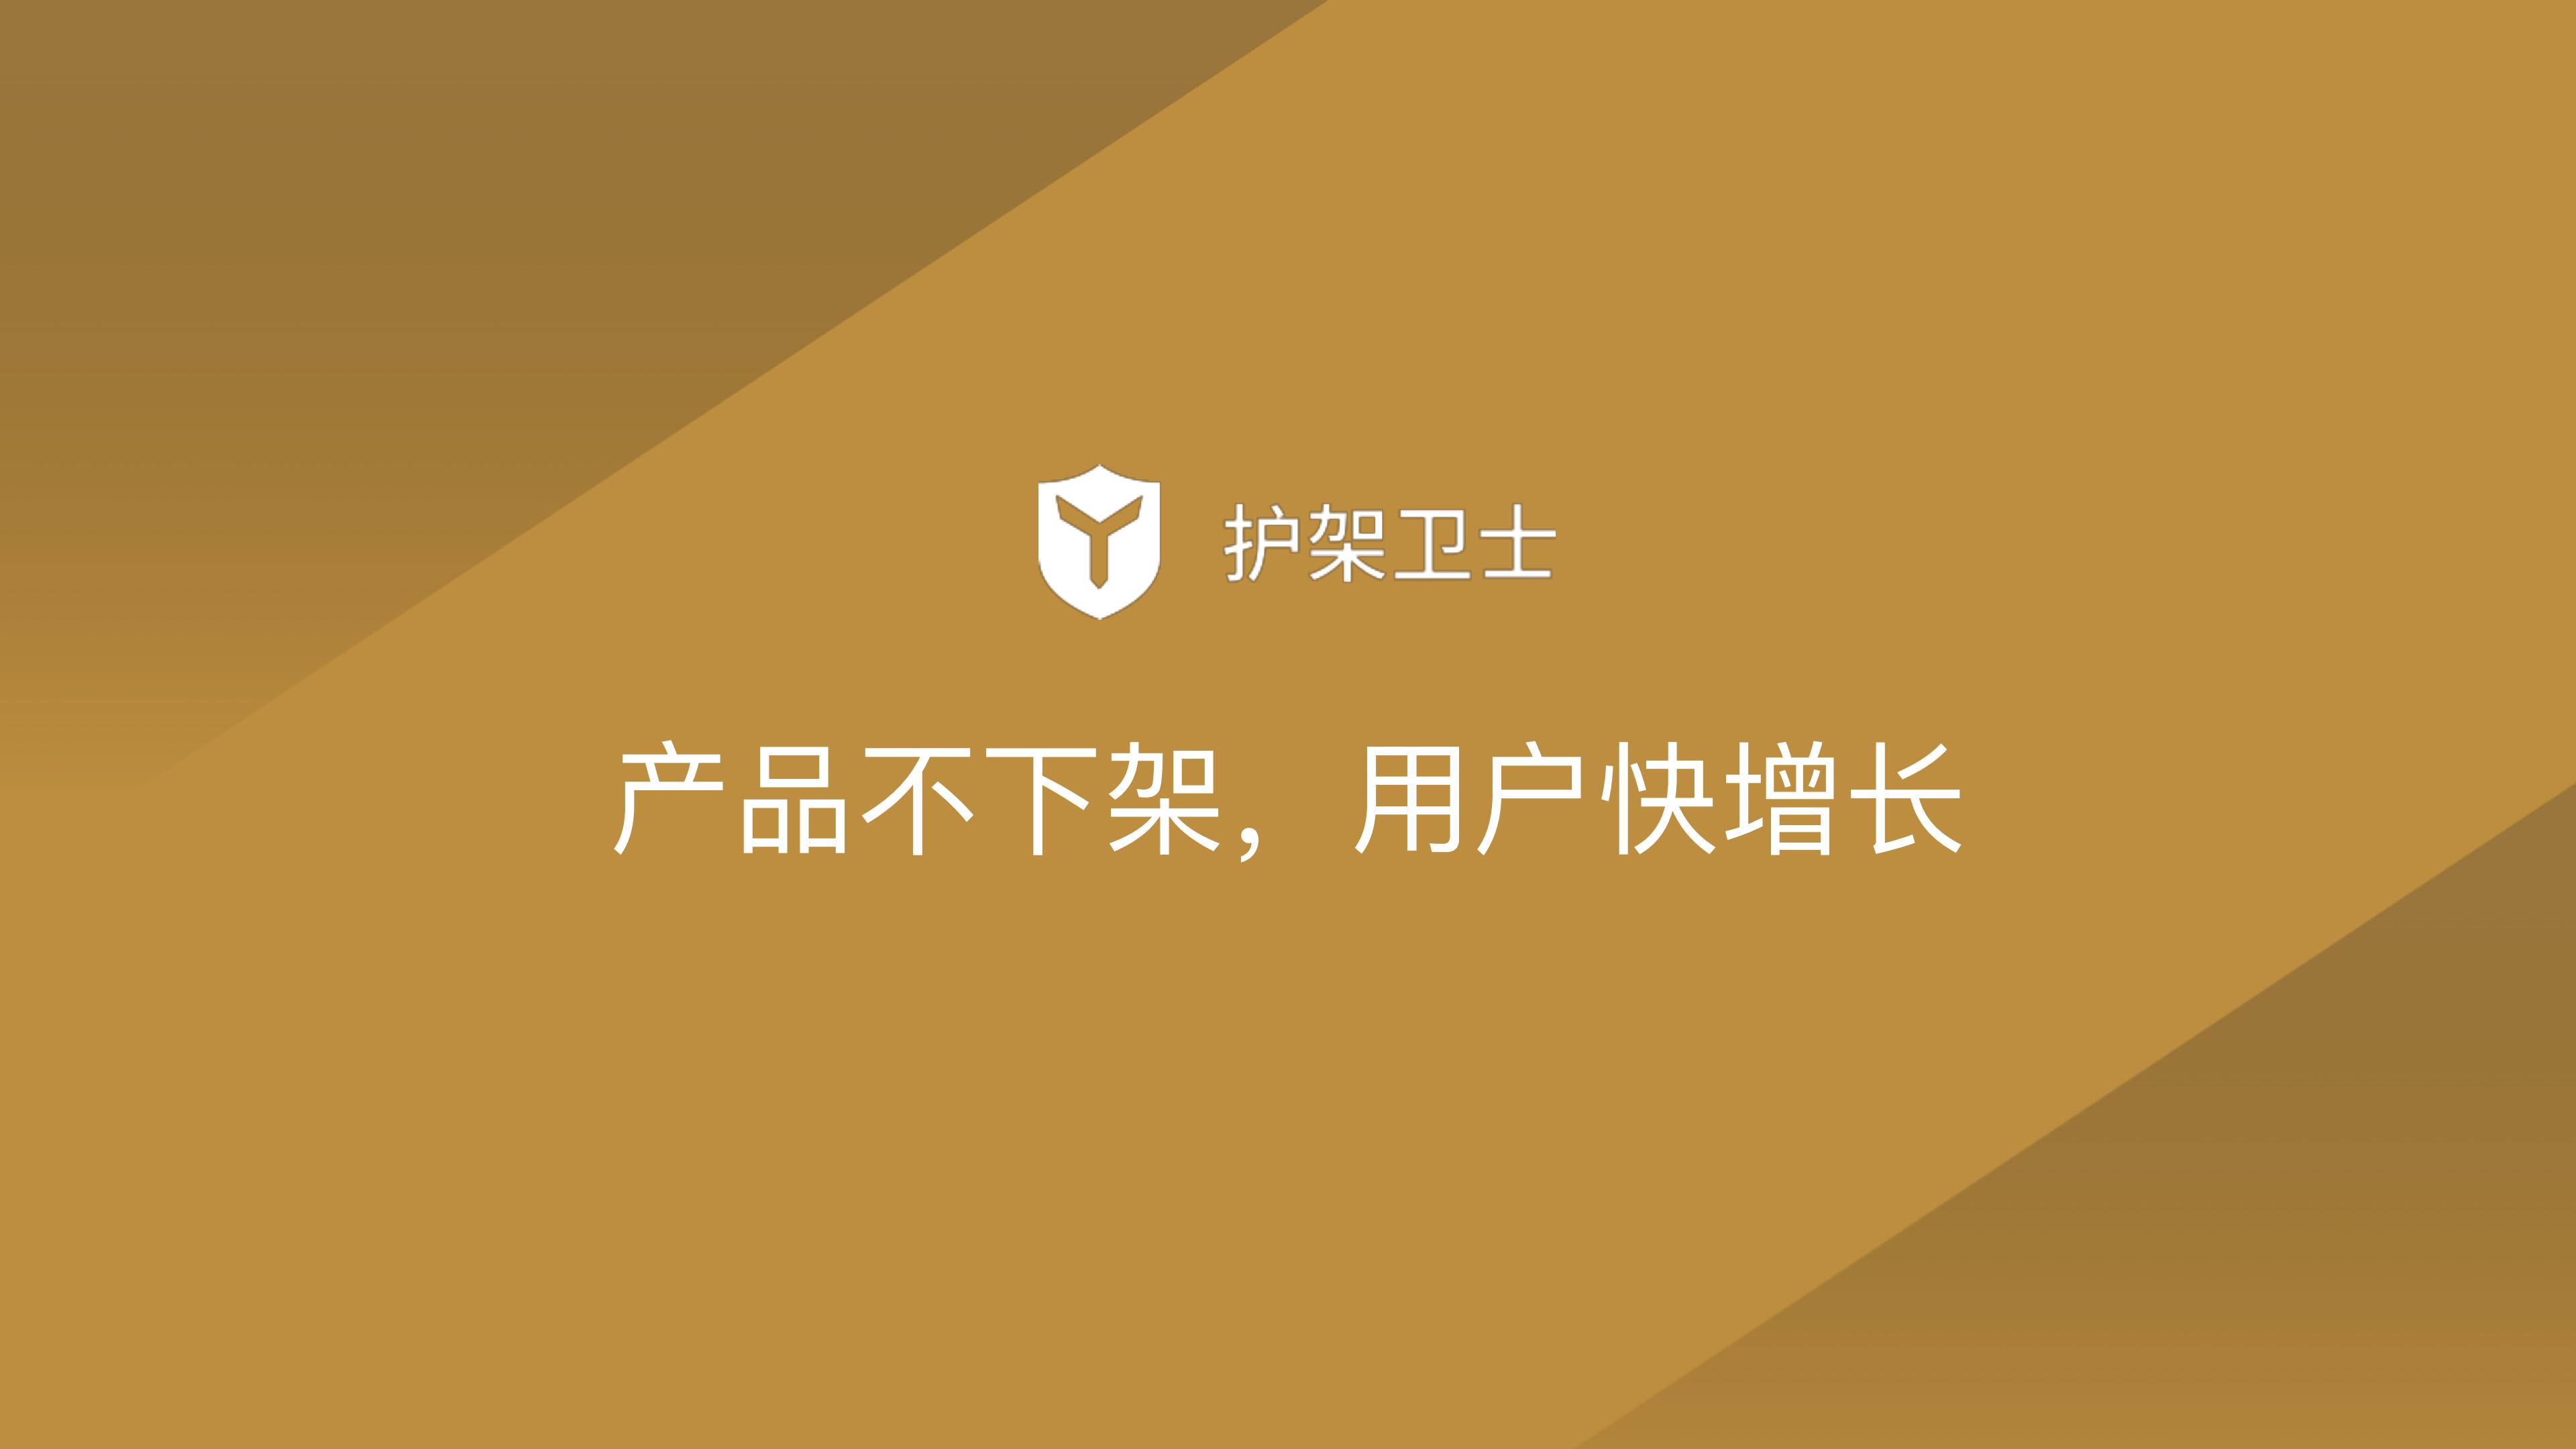 护架卫士产品介绍1.2_27.png